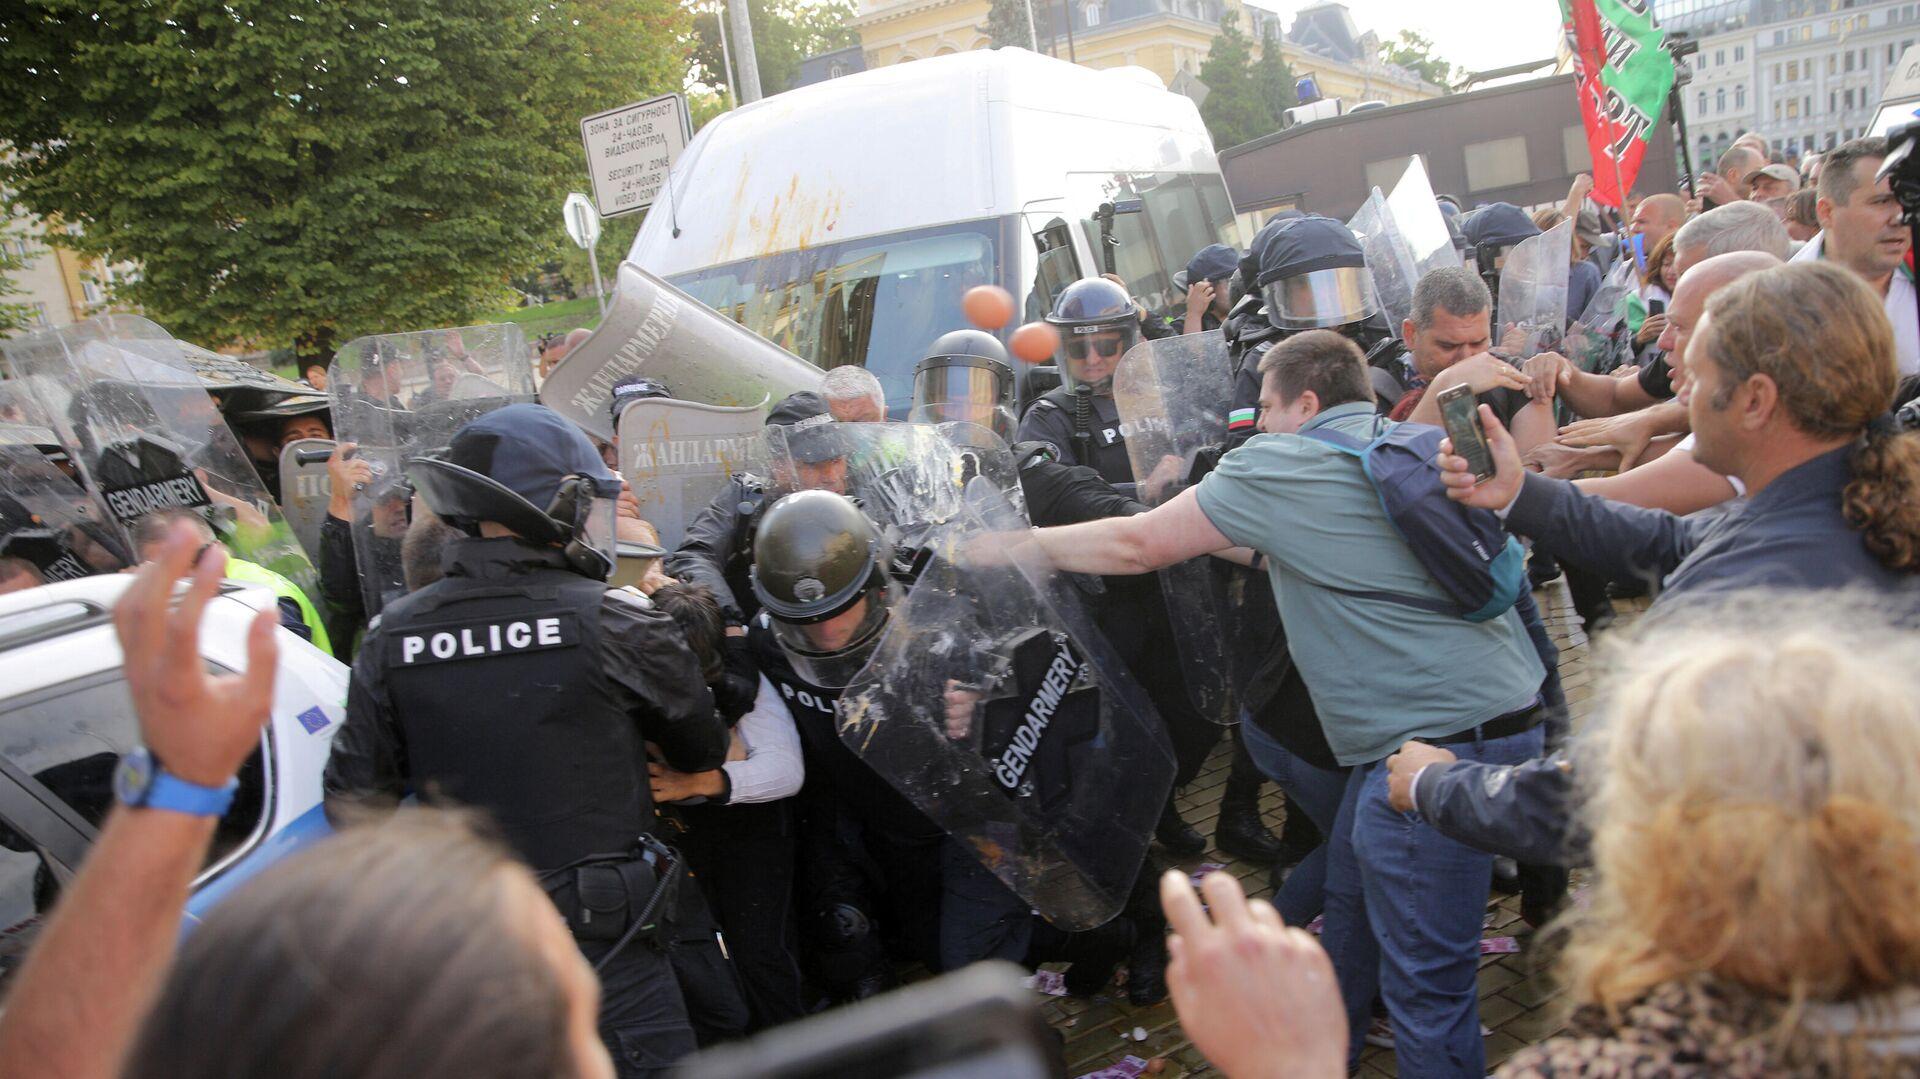 Протестующие во время столкновения с полицией на антиправительственном митинге демонстрации в Софии в Болгарии - РИА Новости, 1920, 17.09.2020